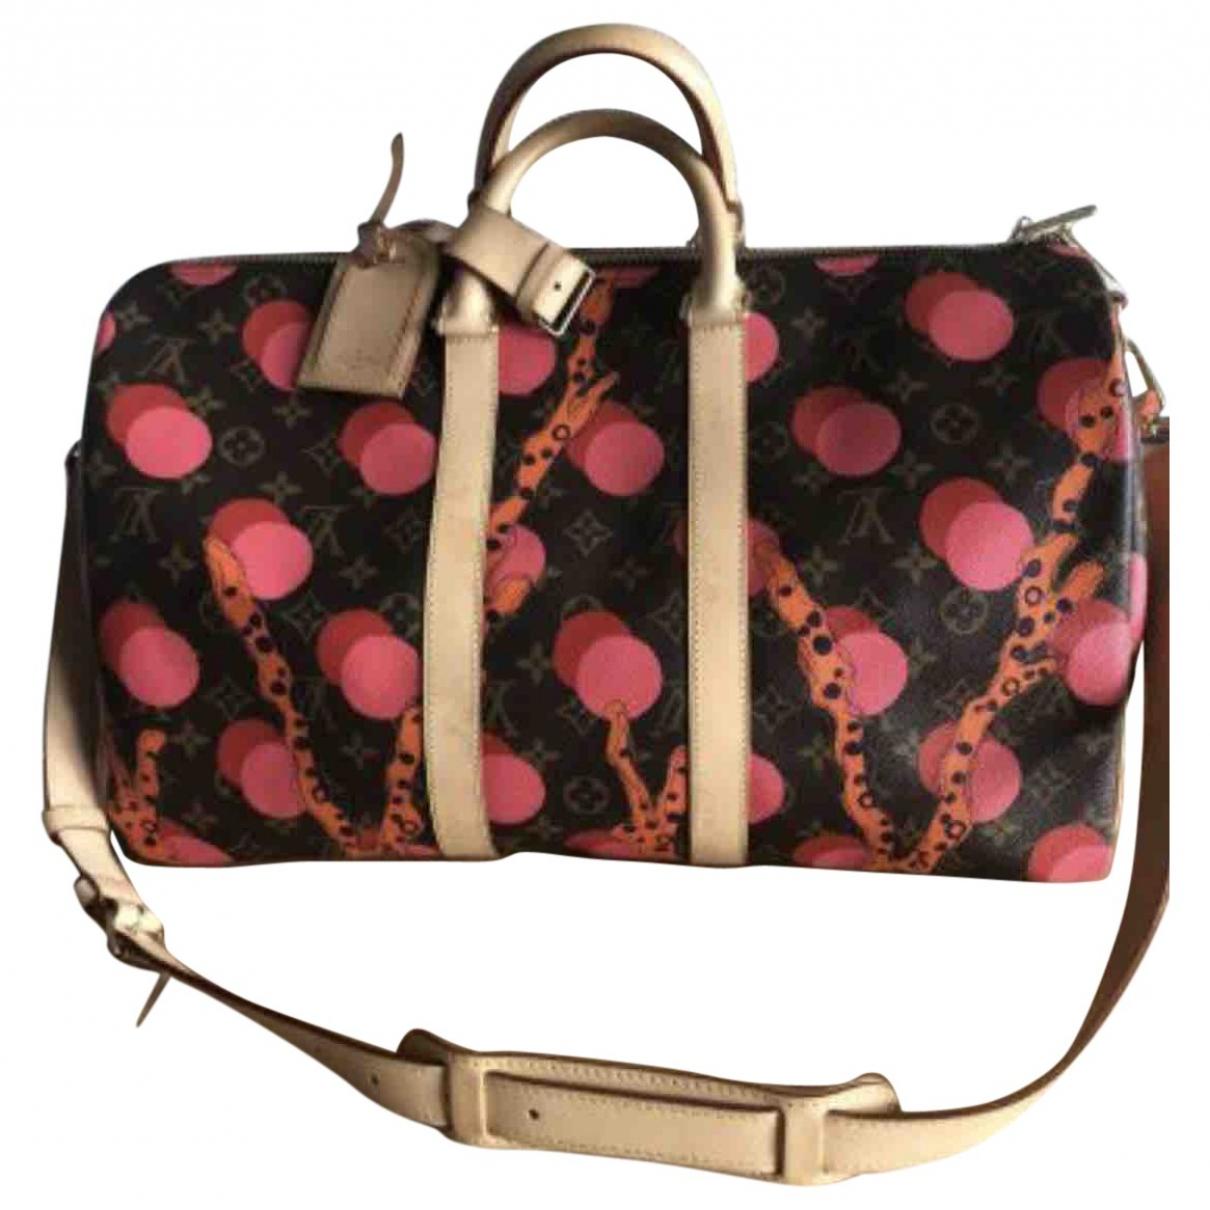 Louis Vuitton Keepall Reisetasche in  Bunt Leinen